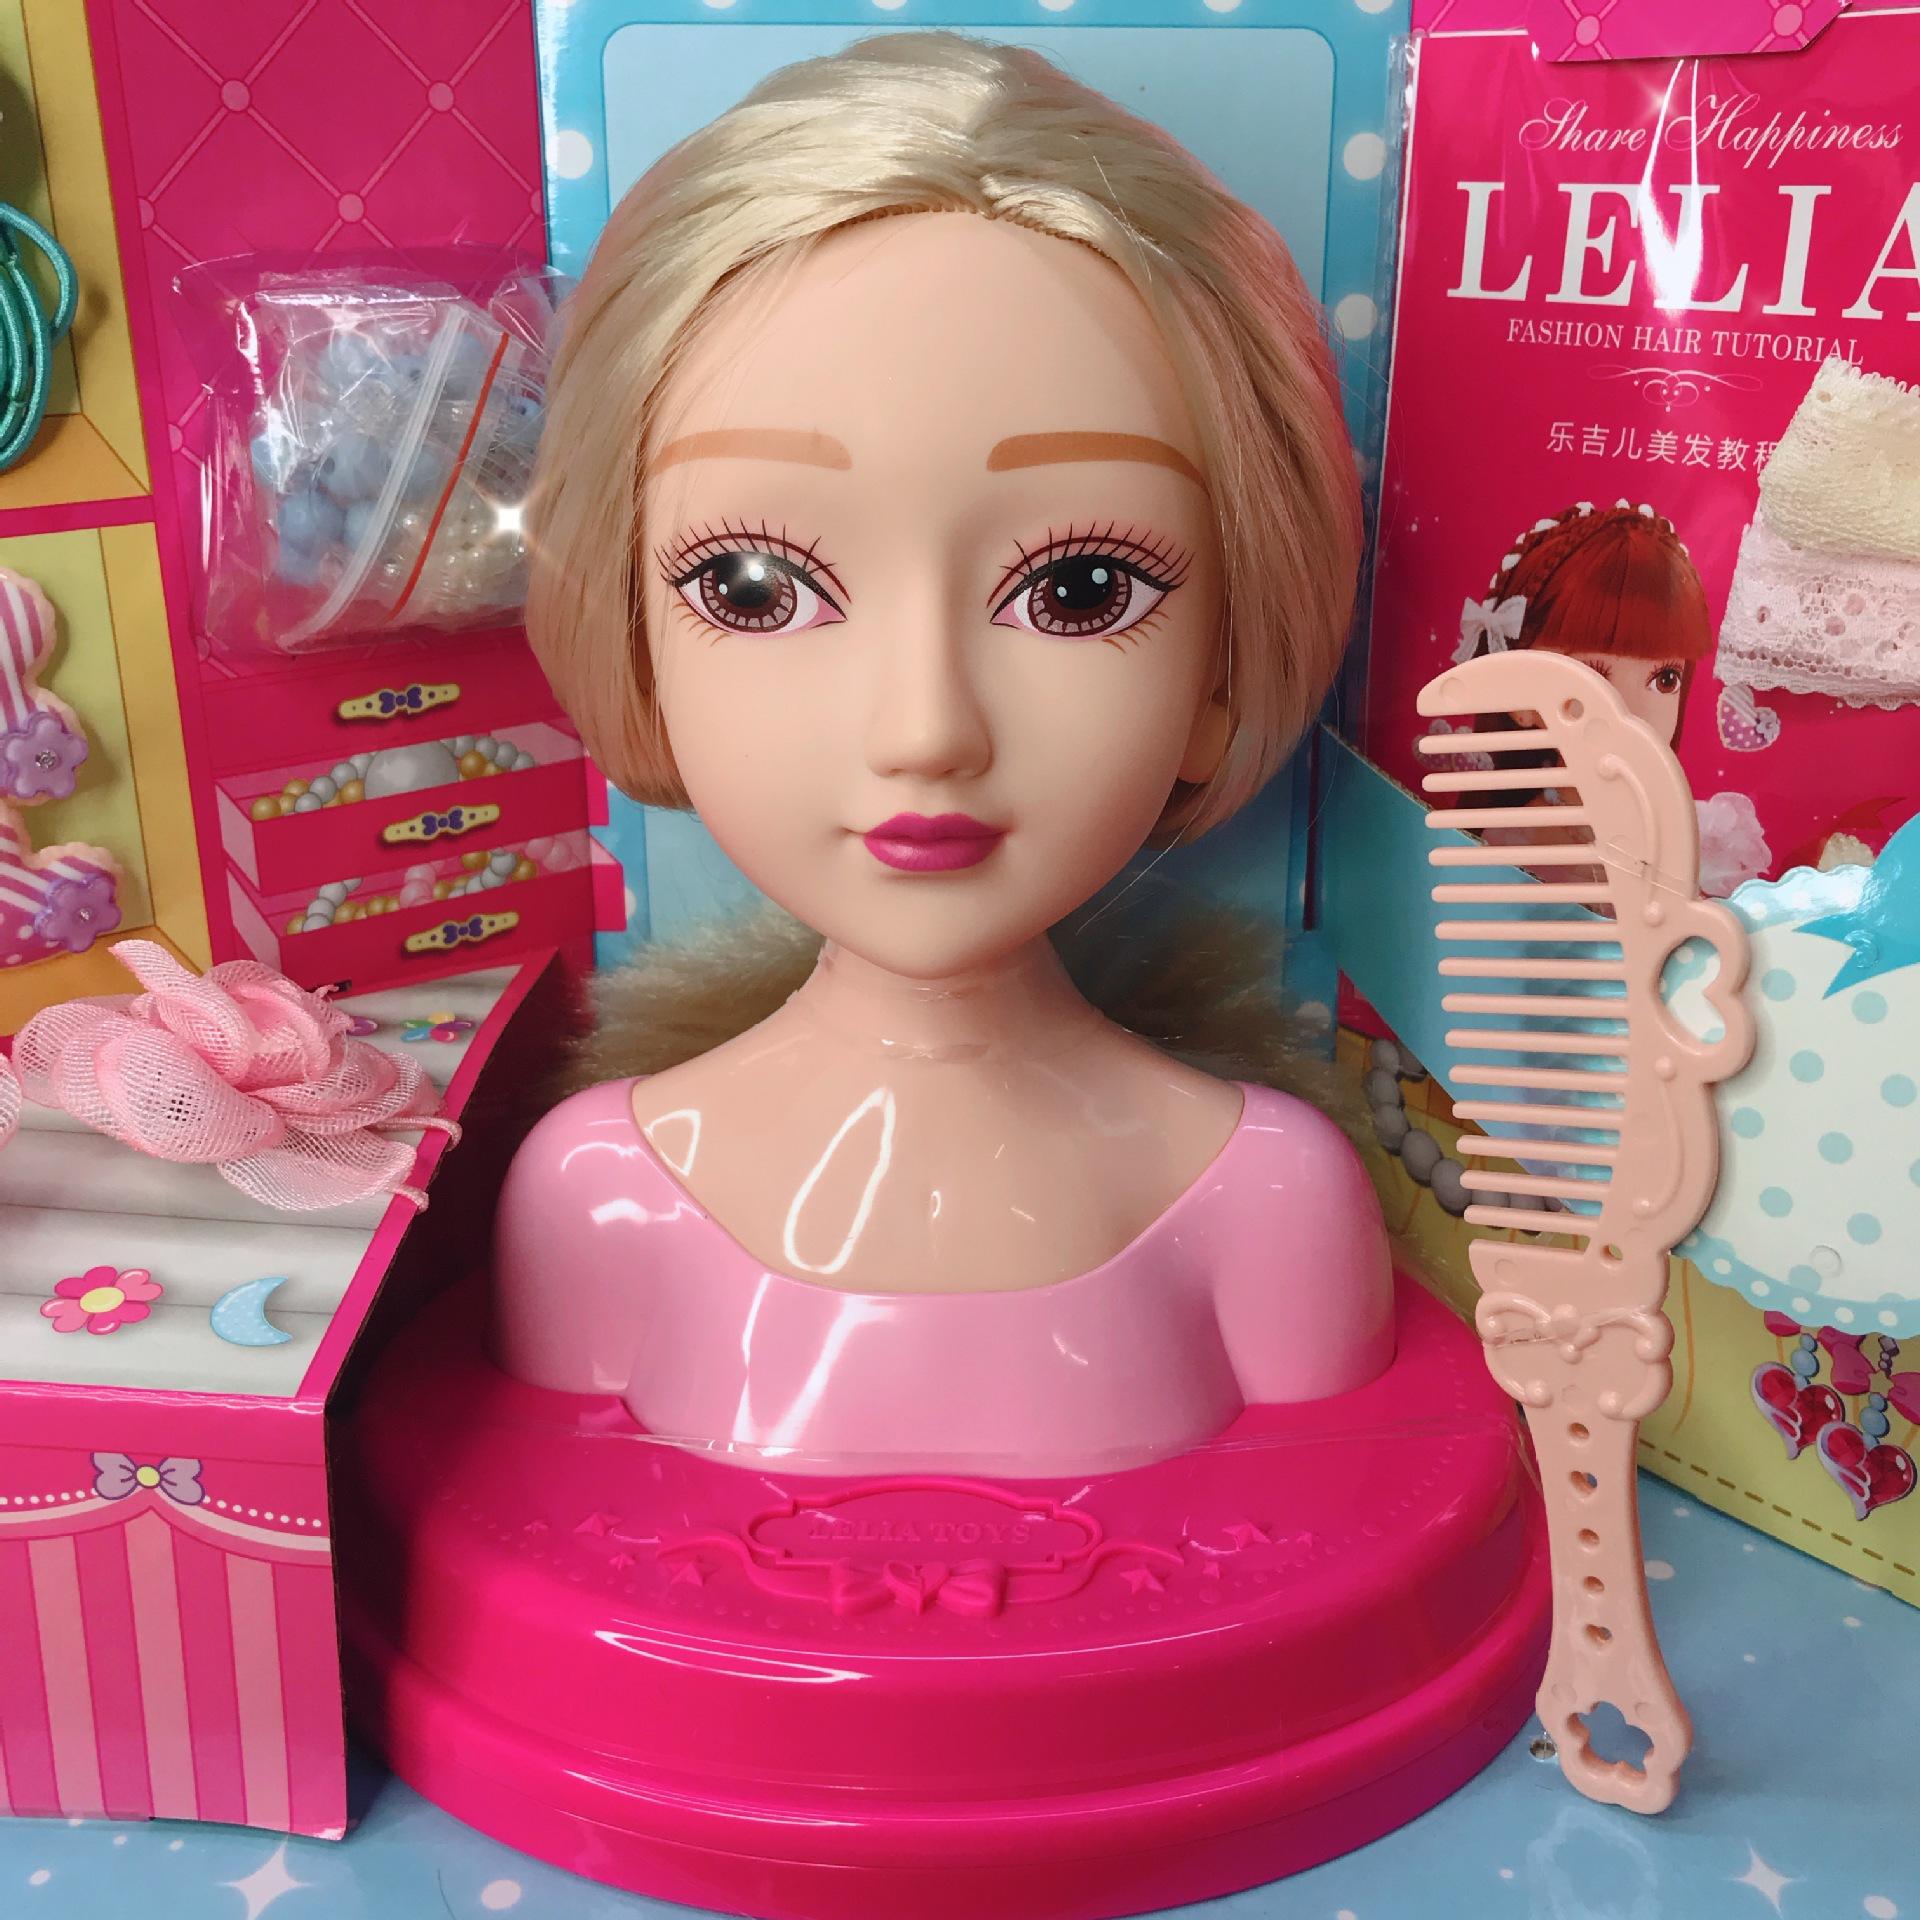 乐吉儿时尚发型师生日礼物洋娃娃送女孩子礼物玩具图片